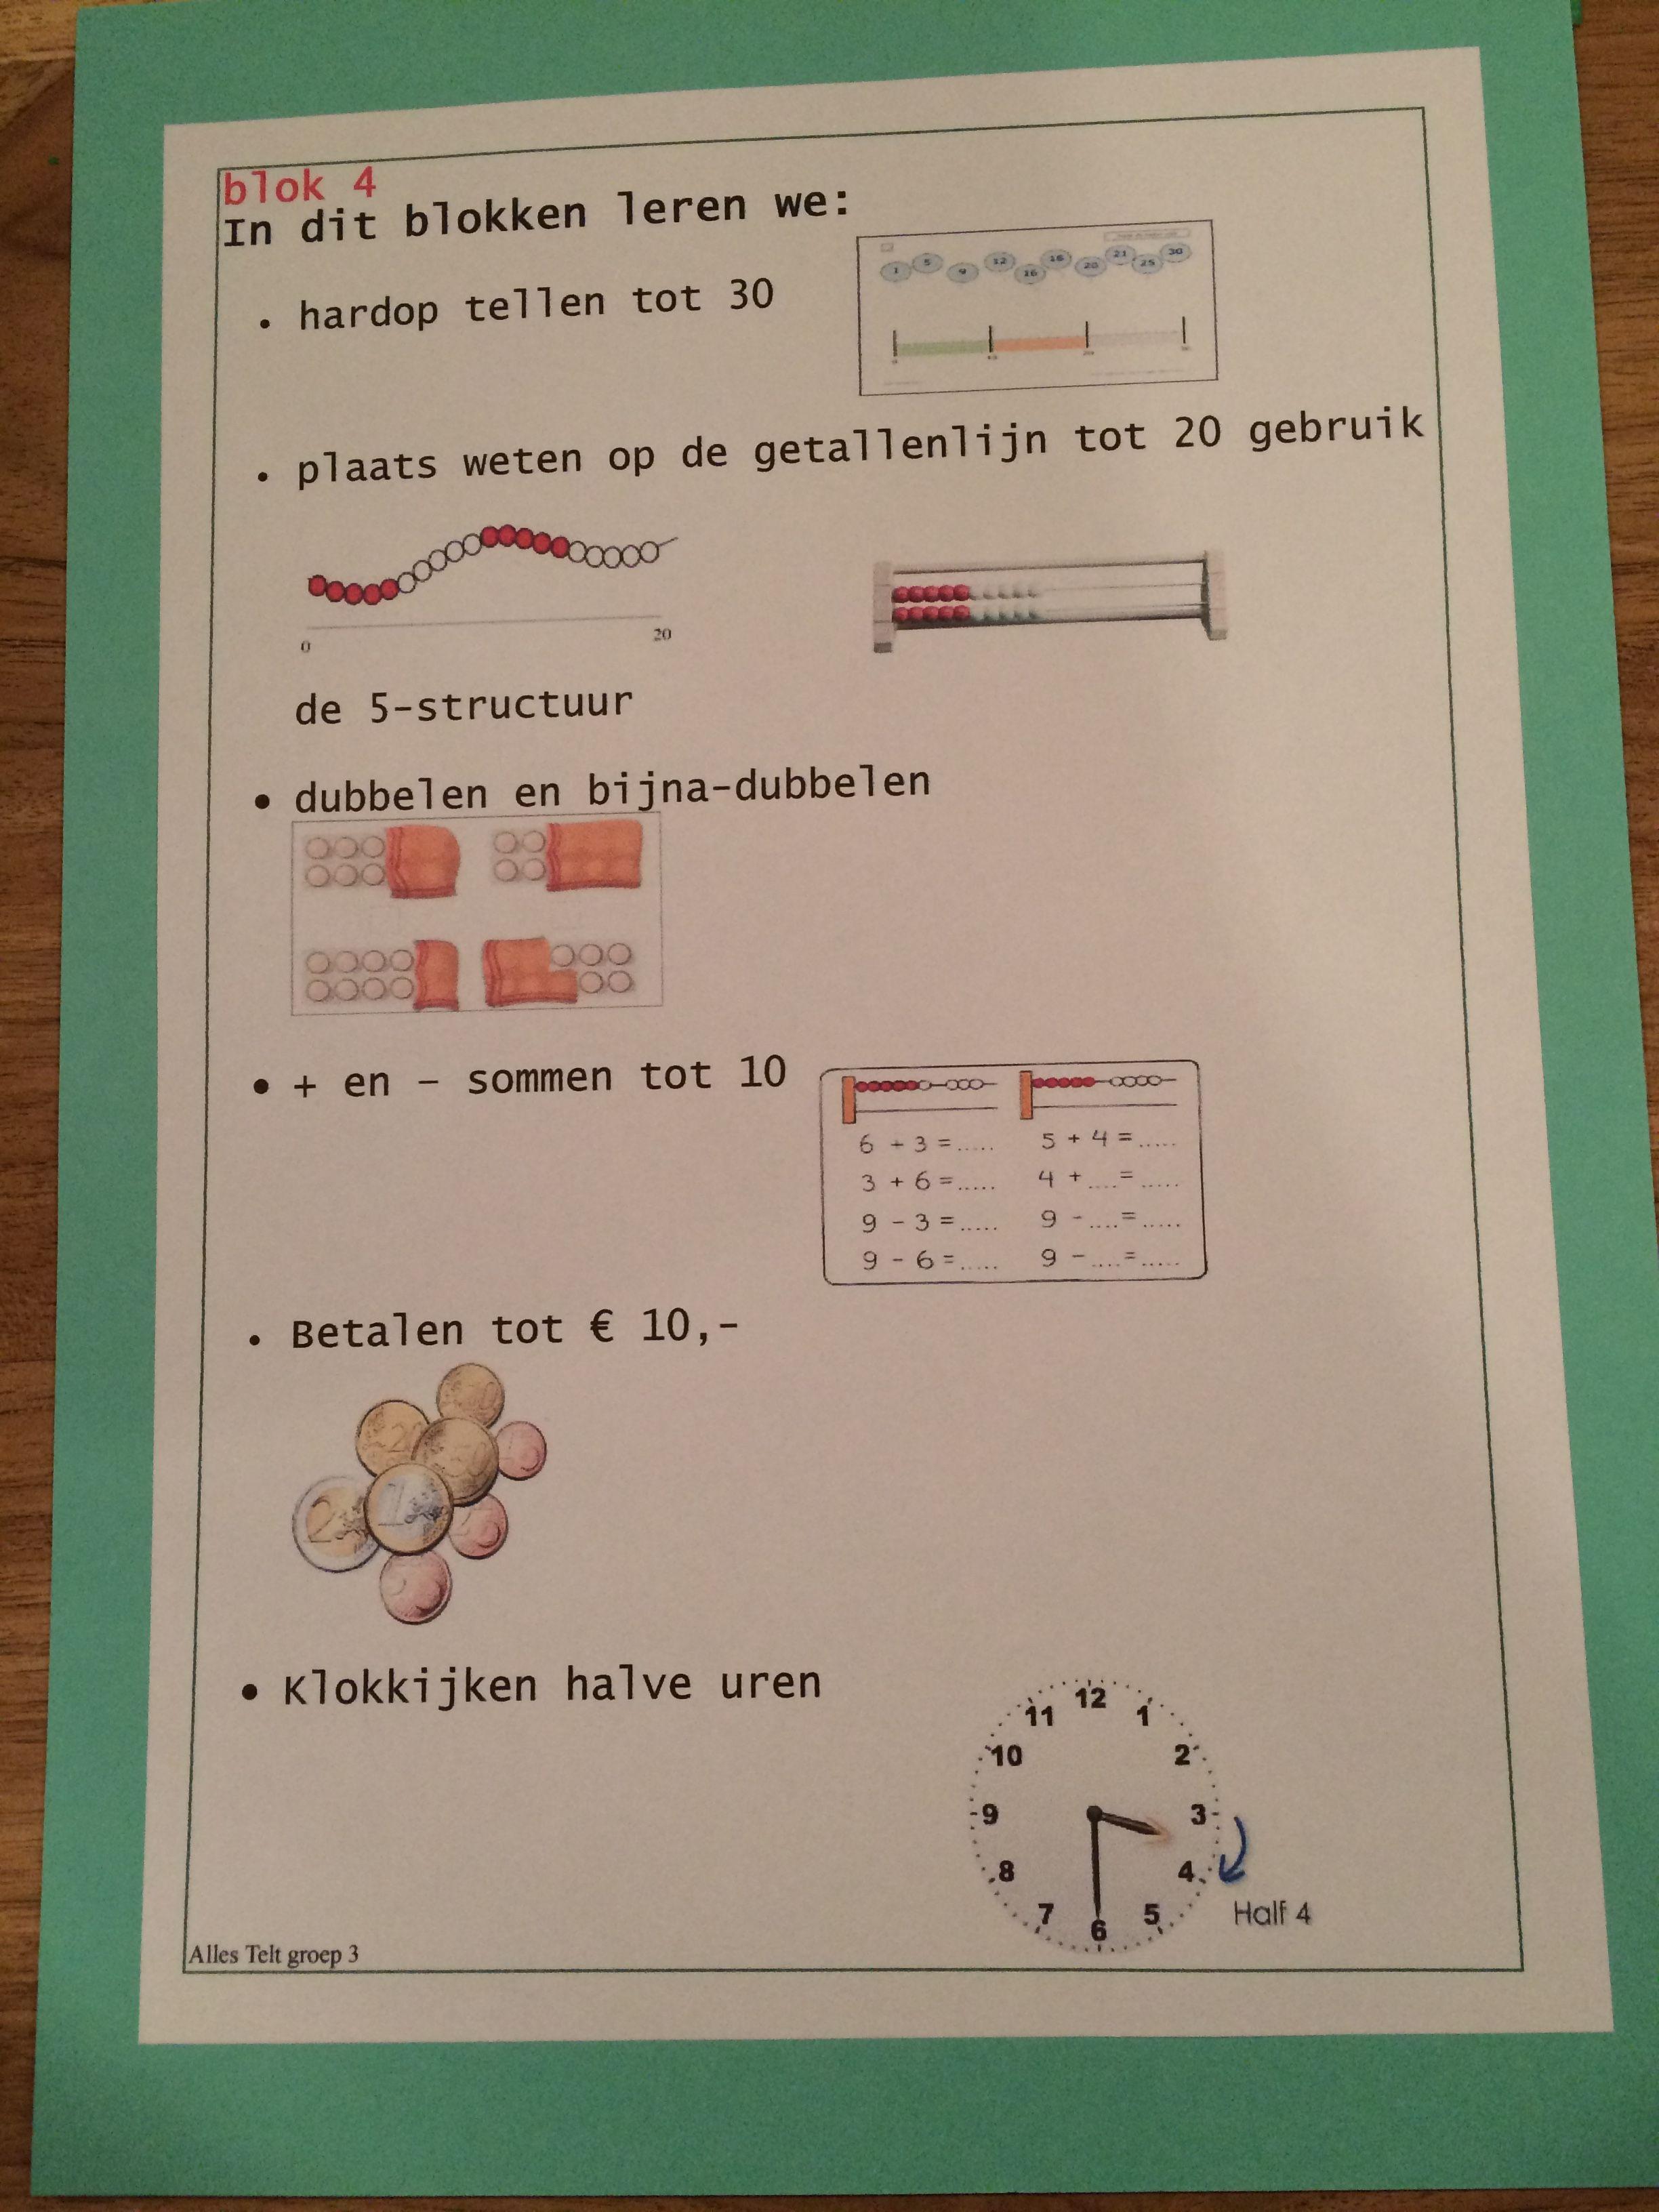 Onwijs Blok 4, Alles Telt nieuwste versie, groep 3, doelenkaart per blok EX-76